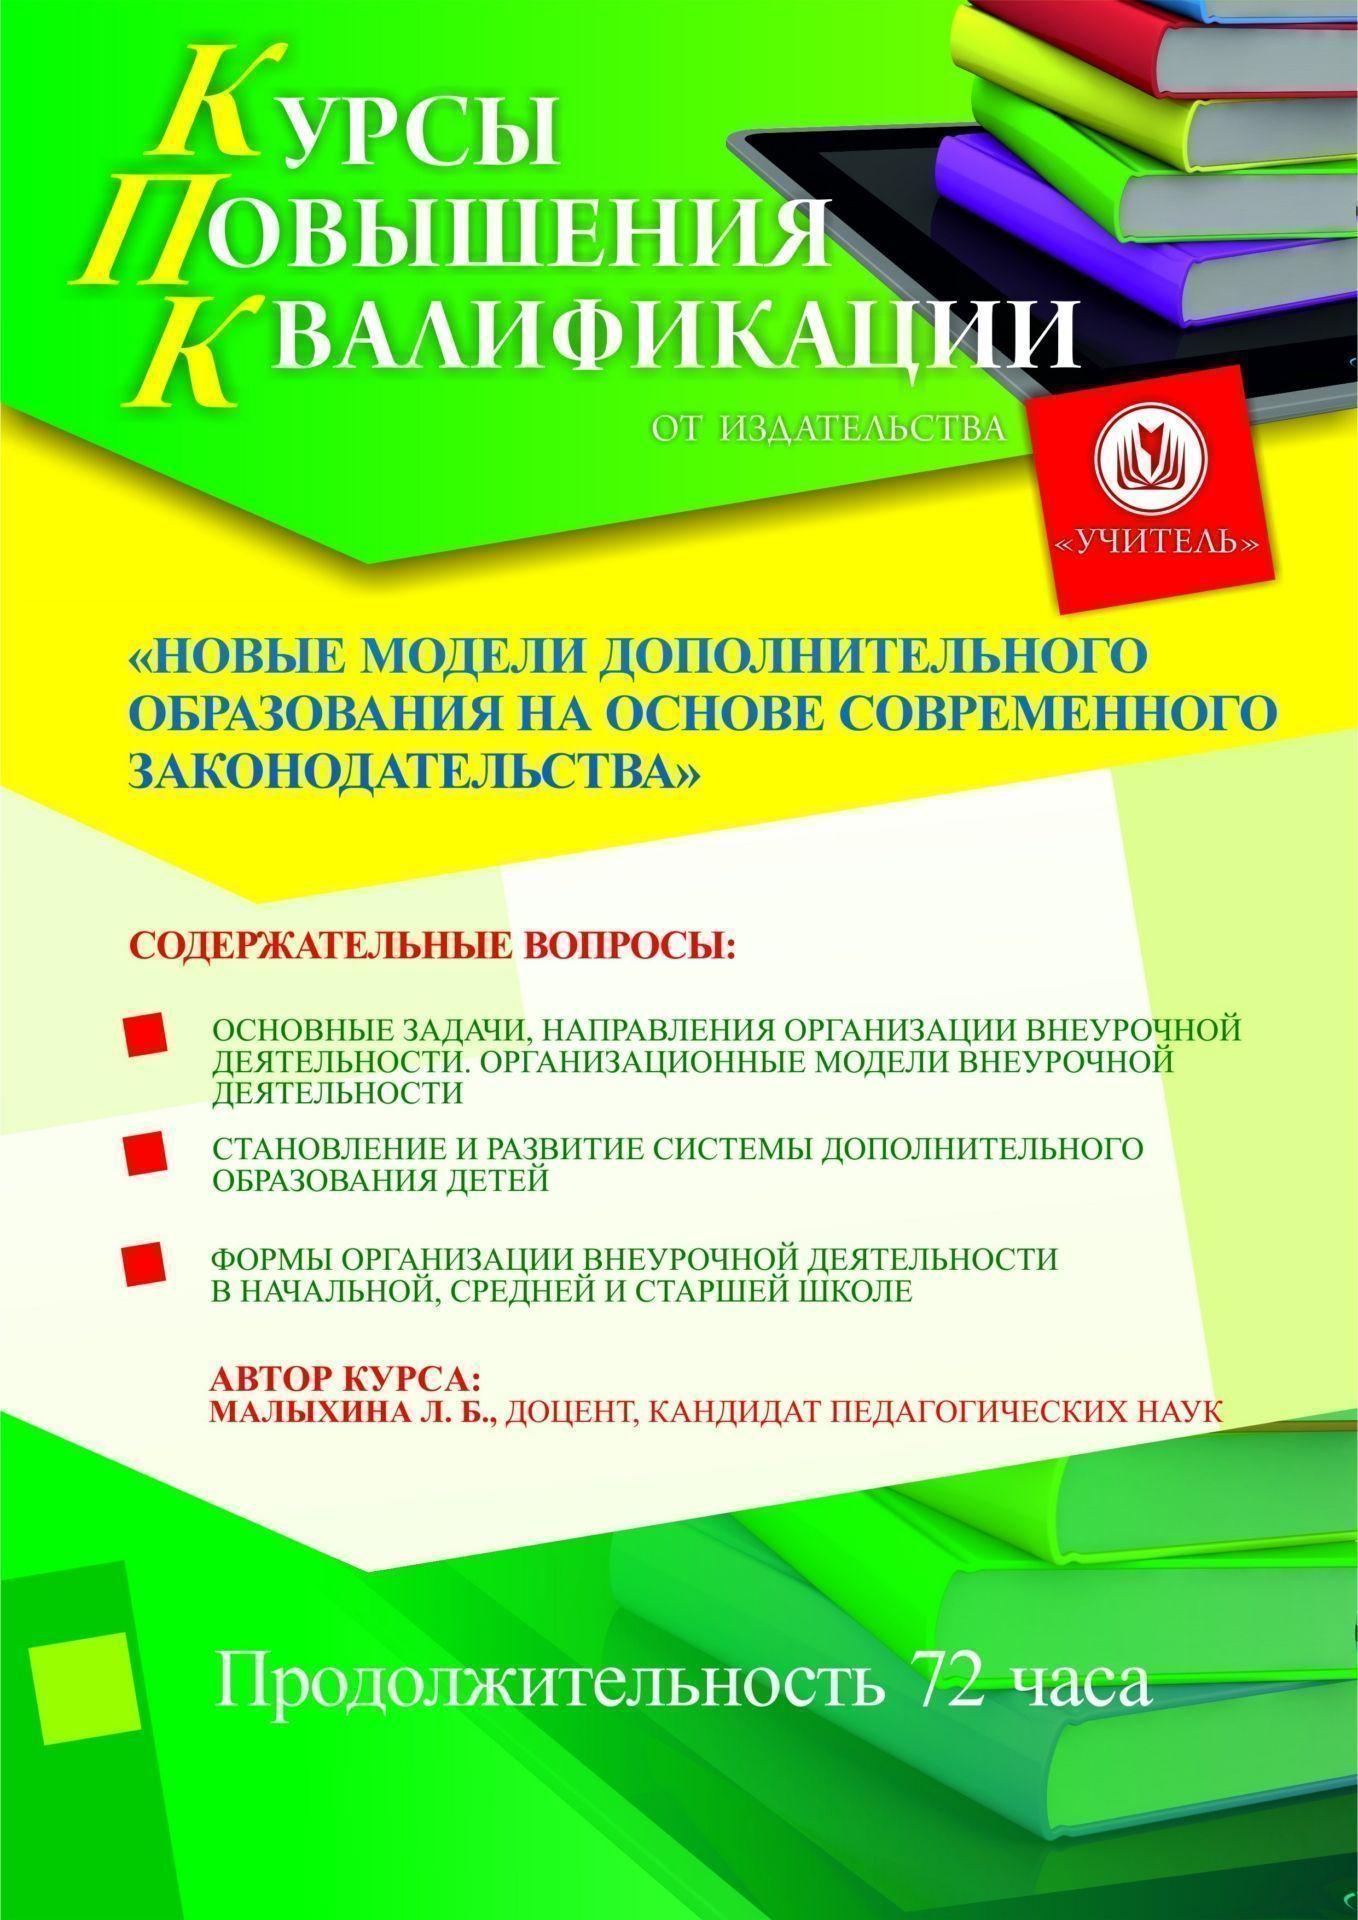 Новые модели дополнительного образования на основе современного законодательства (72 ч.) фото